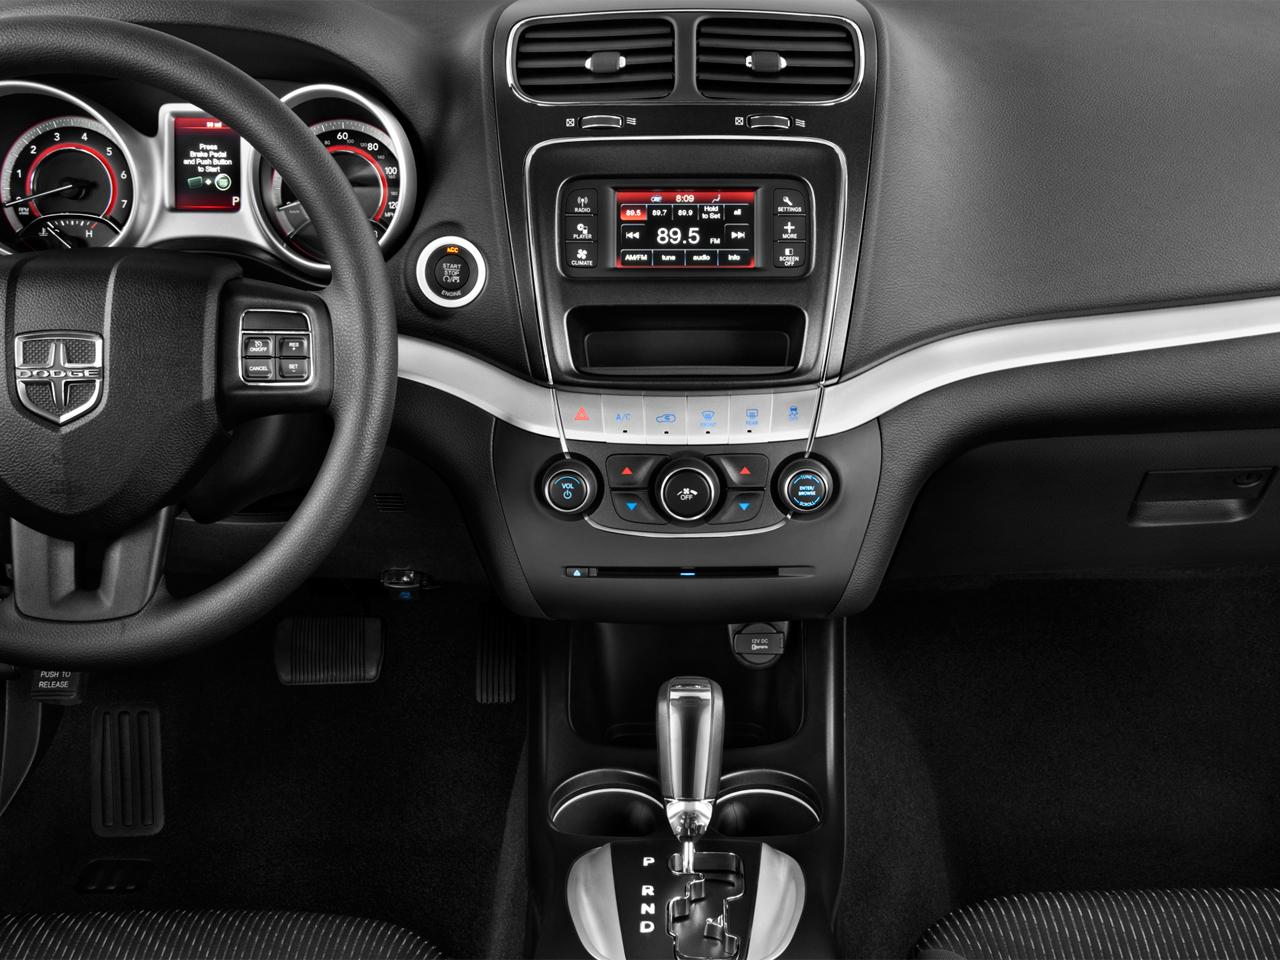 2011 Dodge Journey Interior Instainteriorsus – Dodge Journey Interior Fuse Box